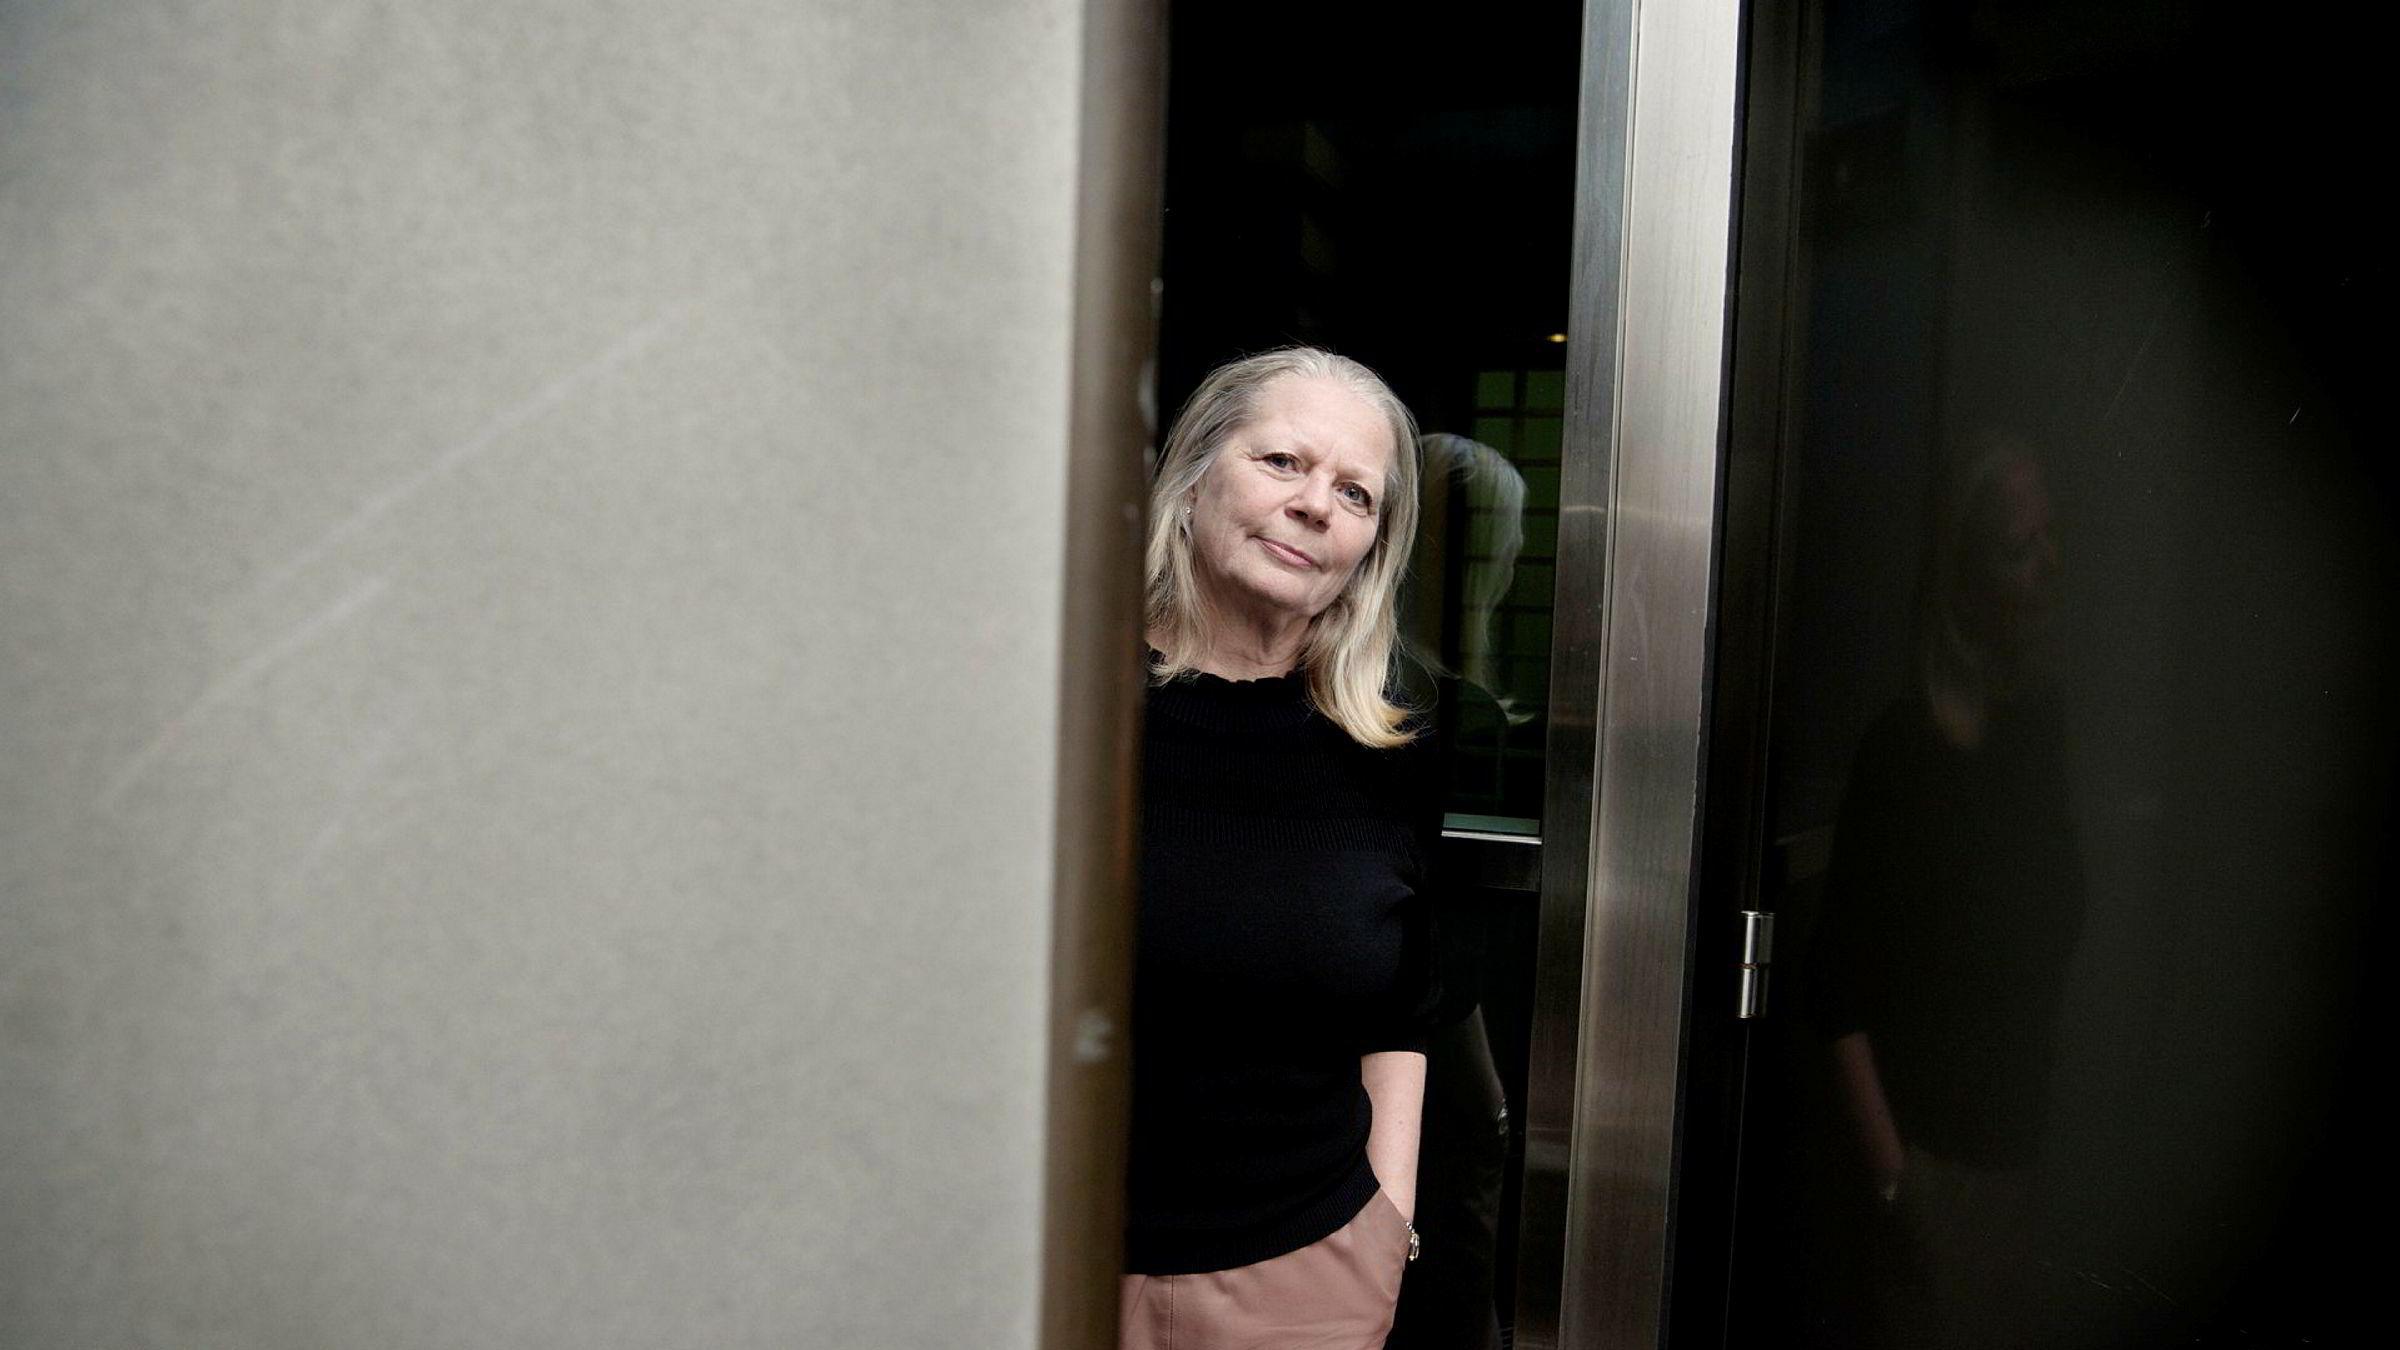 Finanstilsynet avdekket betydelige mangler i revisjonen av friskoler, ifølge seksjonssjef Kjersti Elvestad i Finanstilsynet.